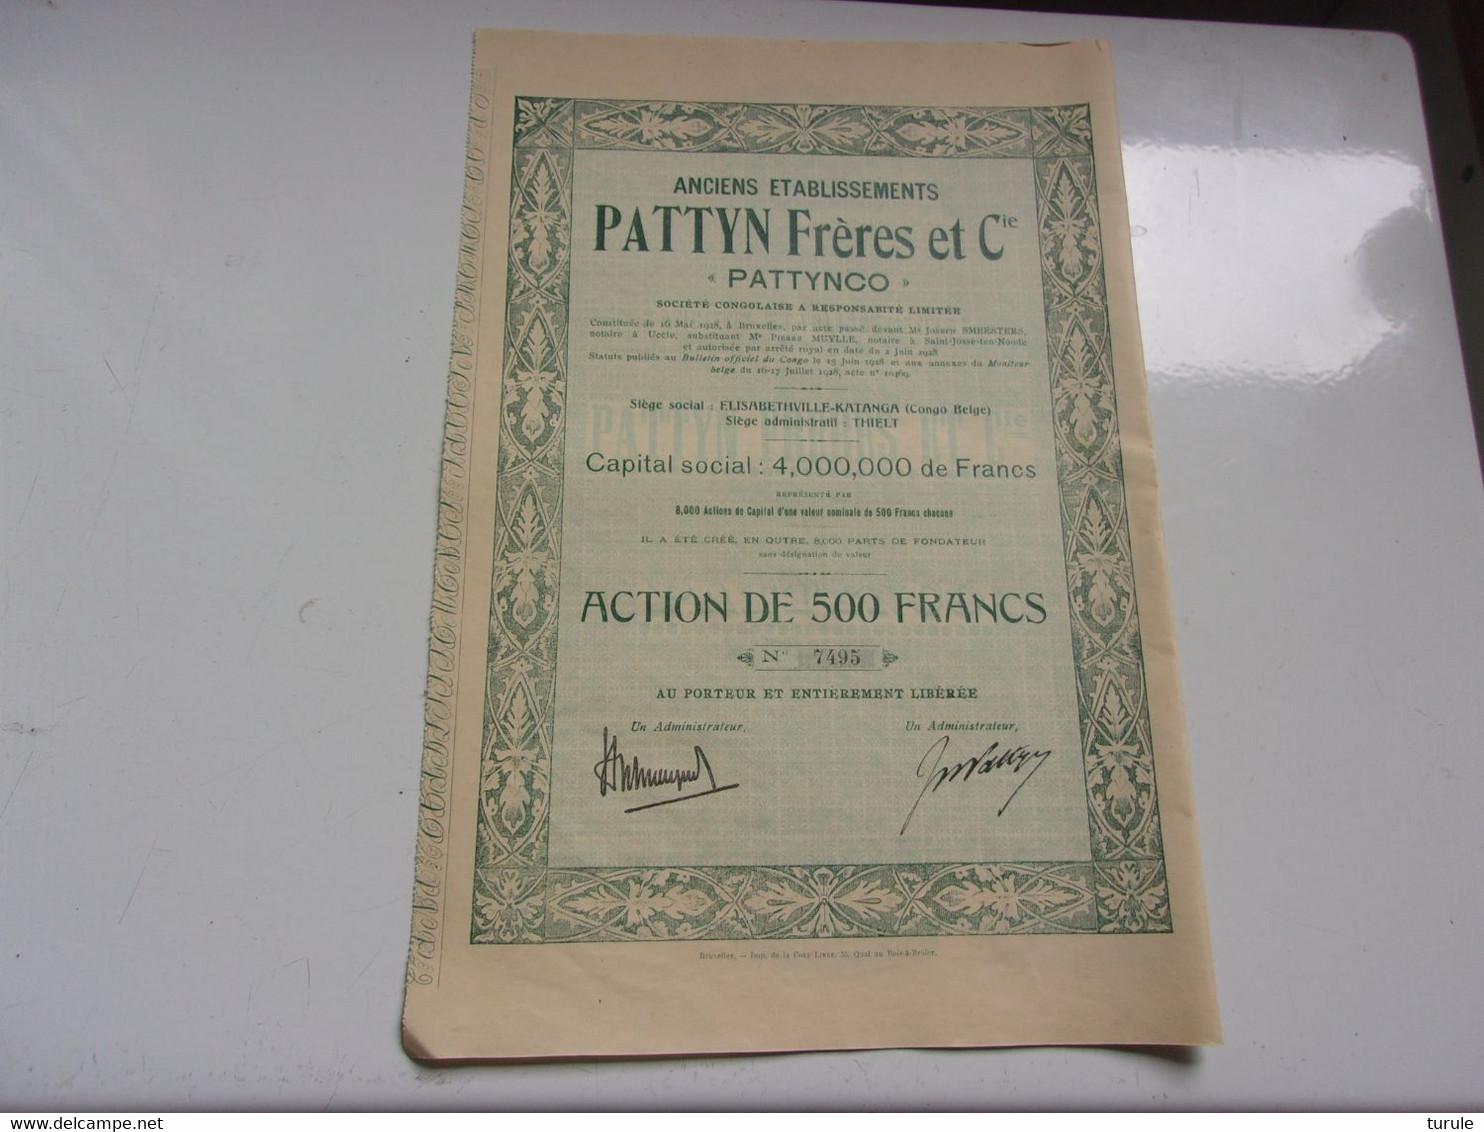 PATTYNCO (pattyn Freres) ACTION 500 FRANCS (élisabethville,congo Belge) - Unclassified